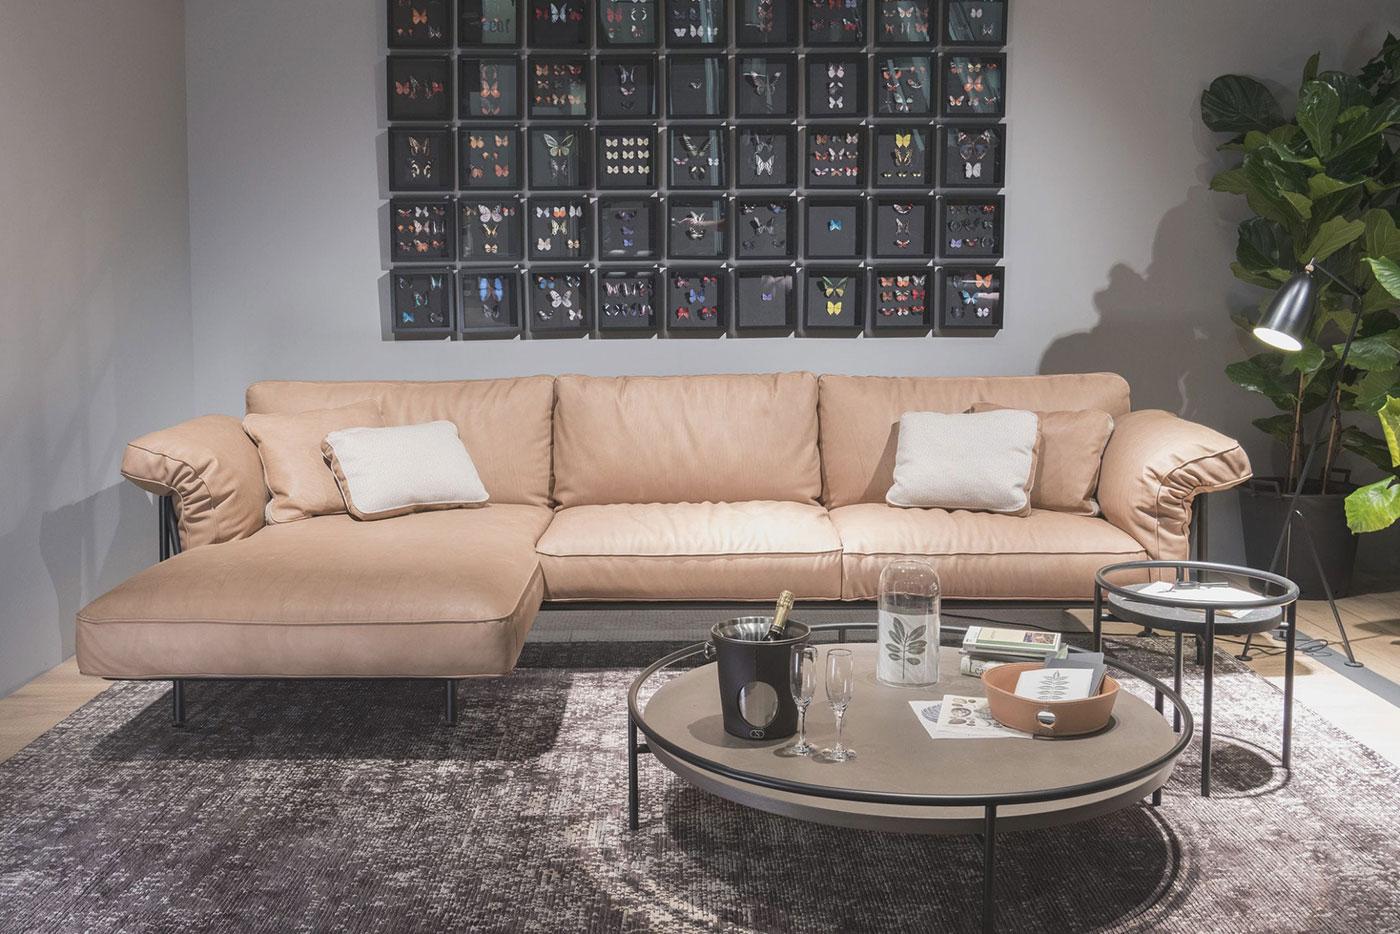 Obegi Home Furniture Desede9